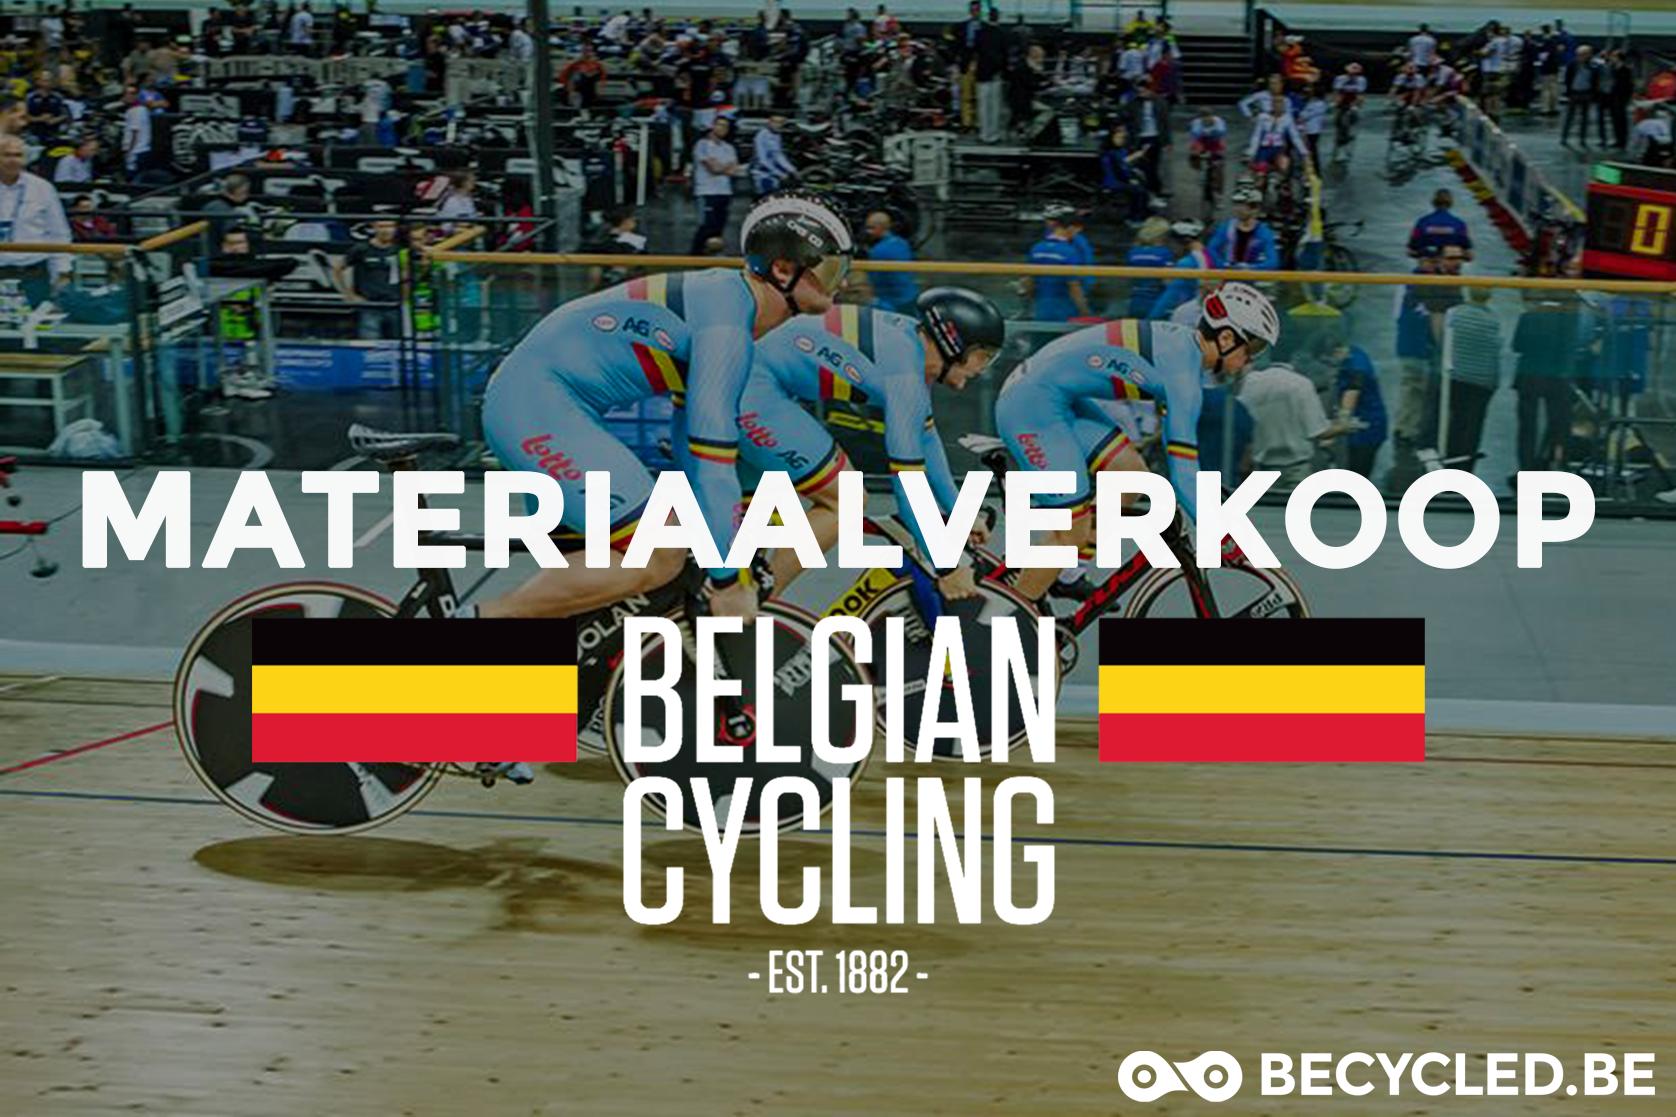 Materiaalverkoop_Belgian Cycling_tweedehands fietsbeurs_1601